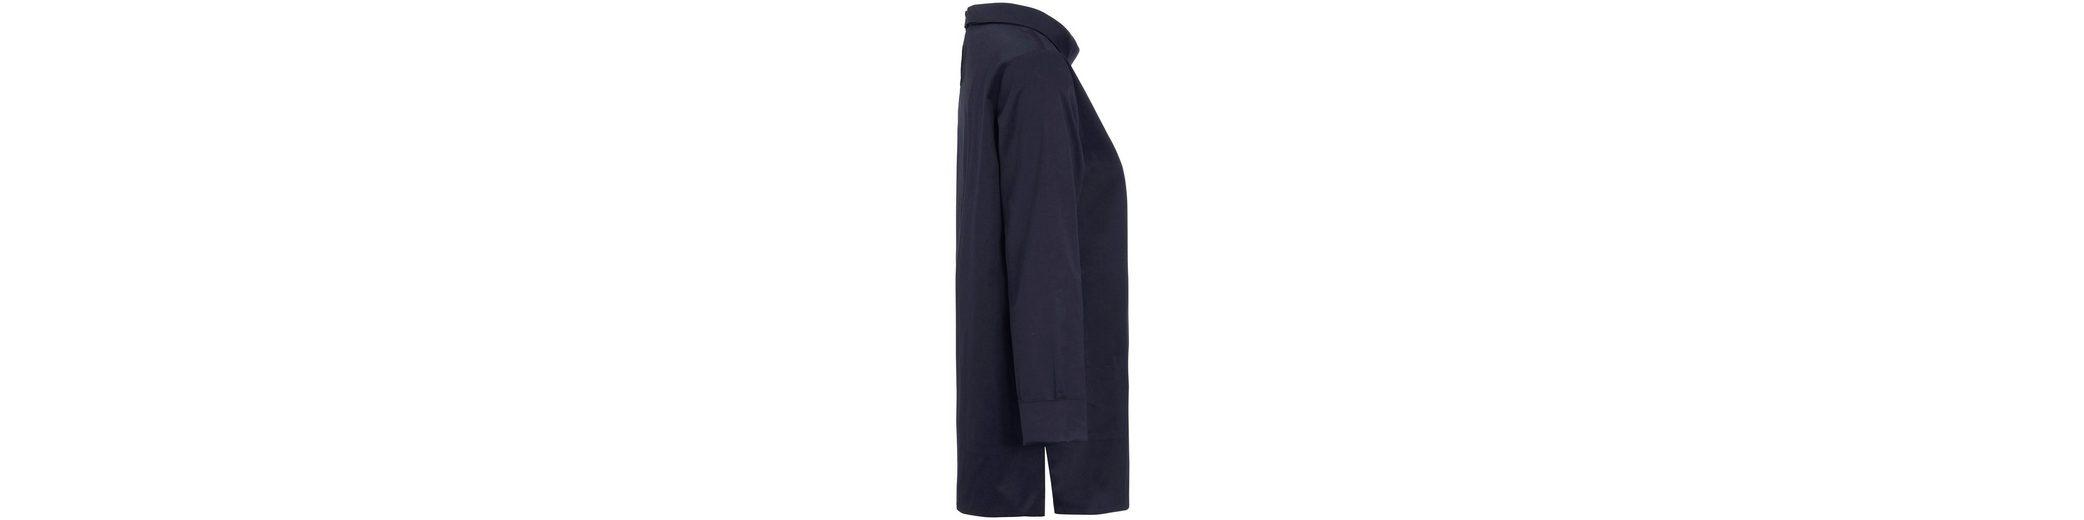 DAY.LIKE Klassische Bluse mit 7/8 Arm Verkauf 100% Garantiert YWZUY8WBBZ